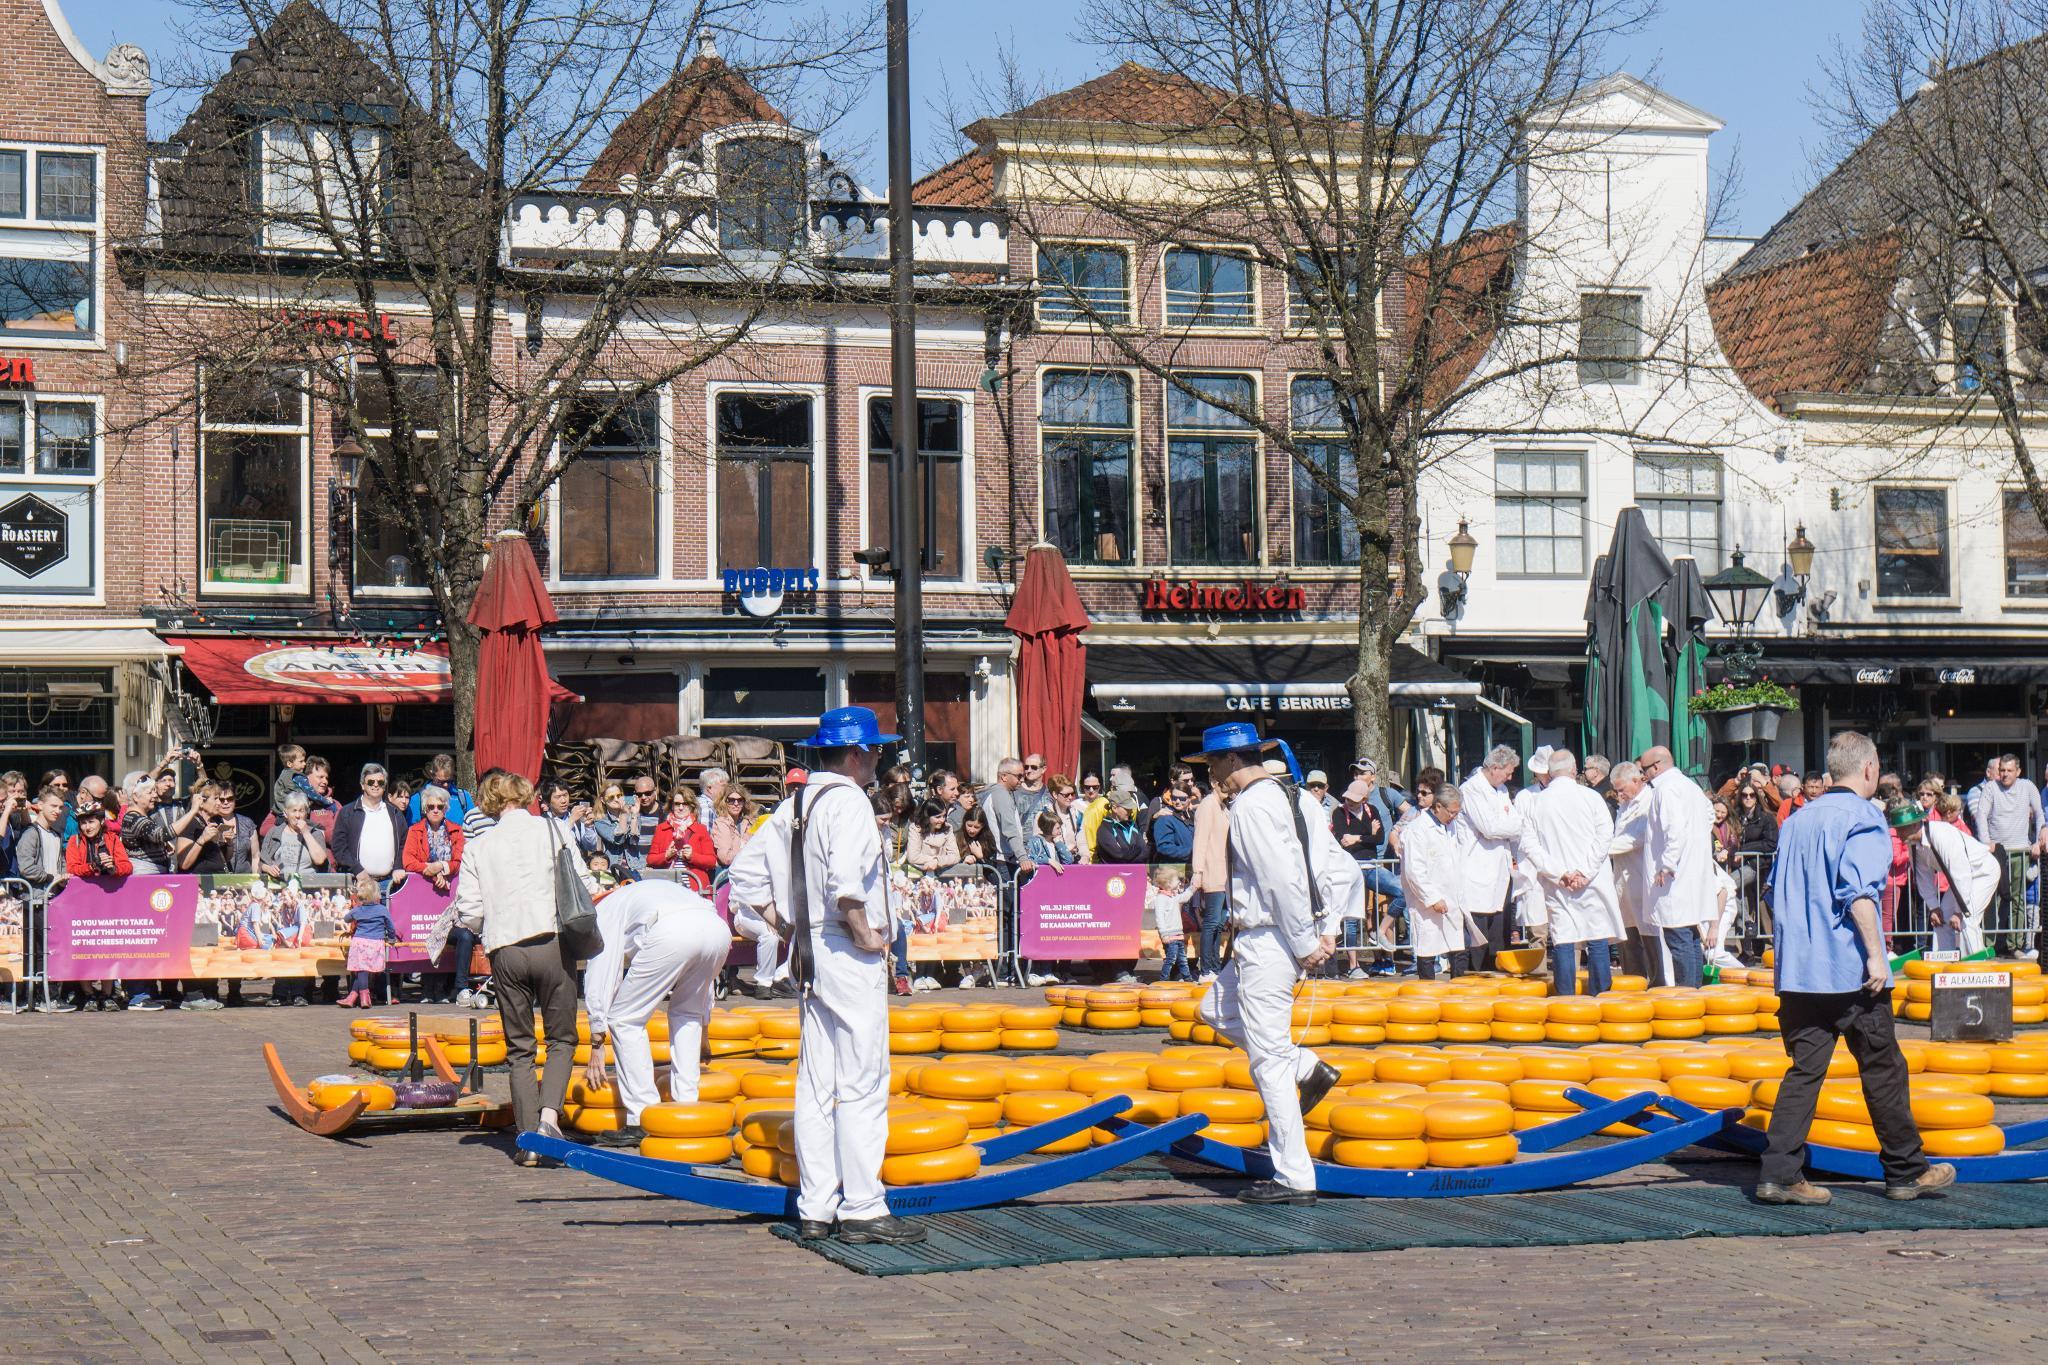 【荷蘭印象】體驗道地的荷式風情 — Alkmaar 起司市集 散步路線整理 19